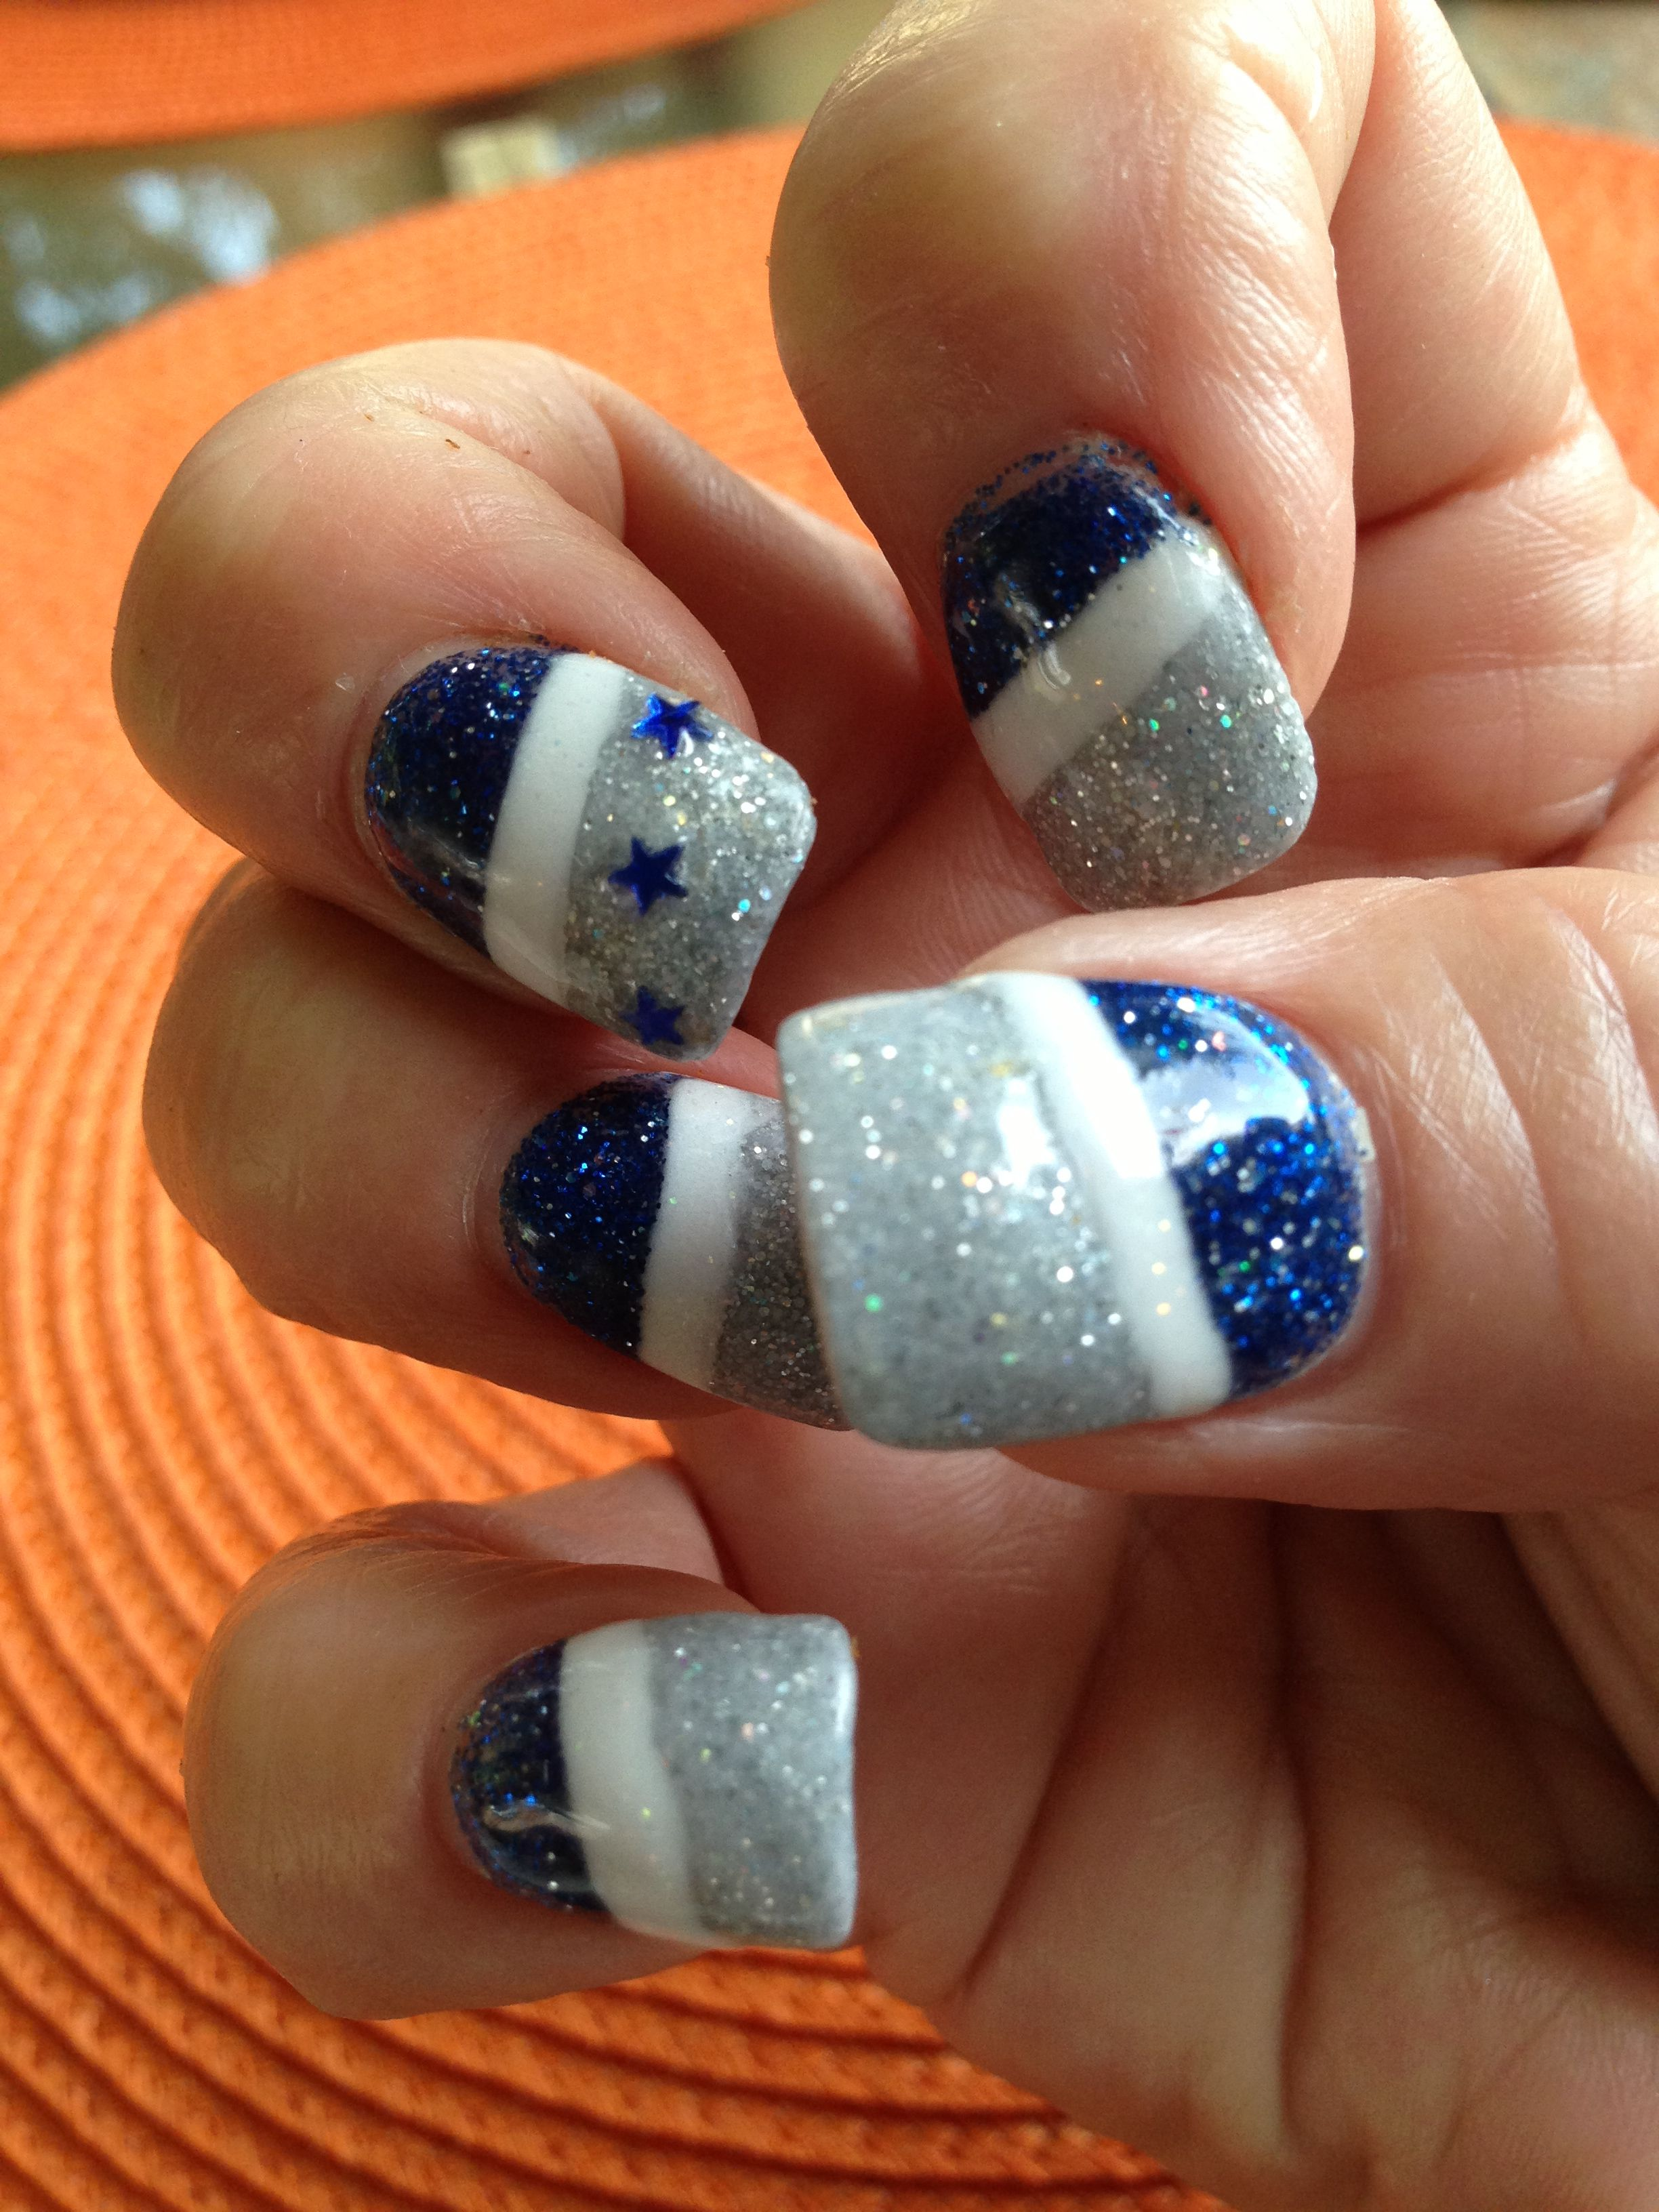 Dallas Cowboy Nails!! | My Style | Pinterest | Dallas cowboys nails ...